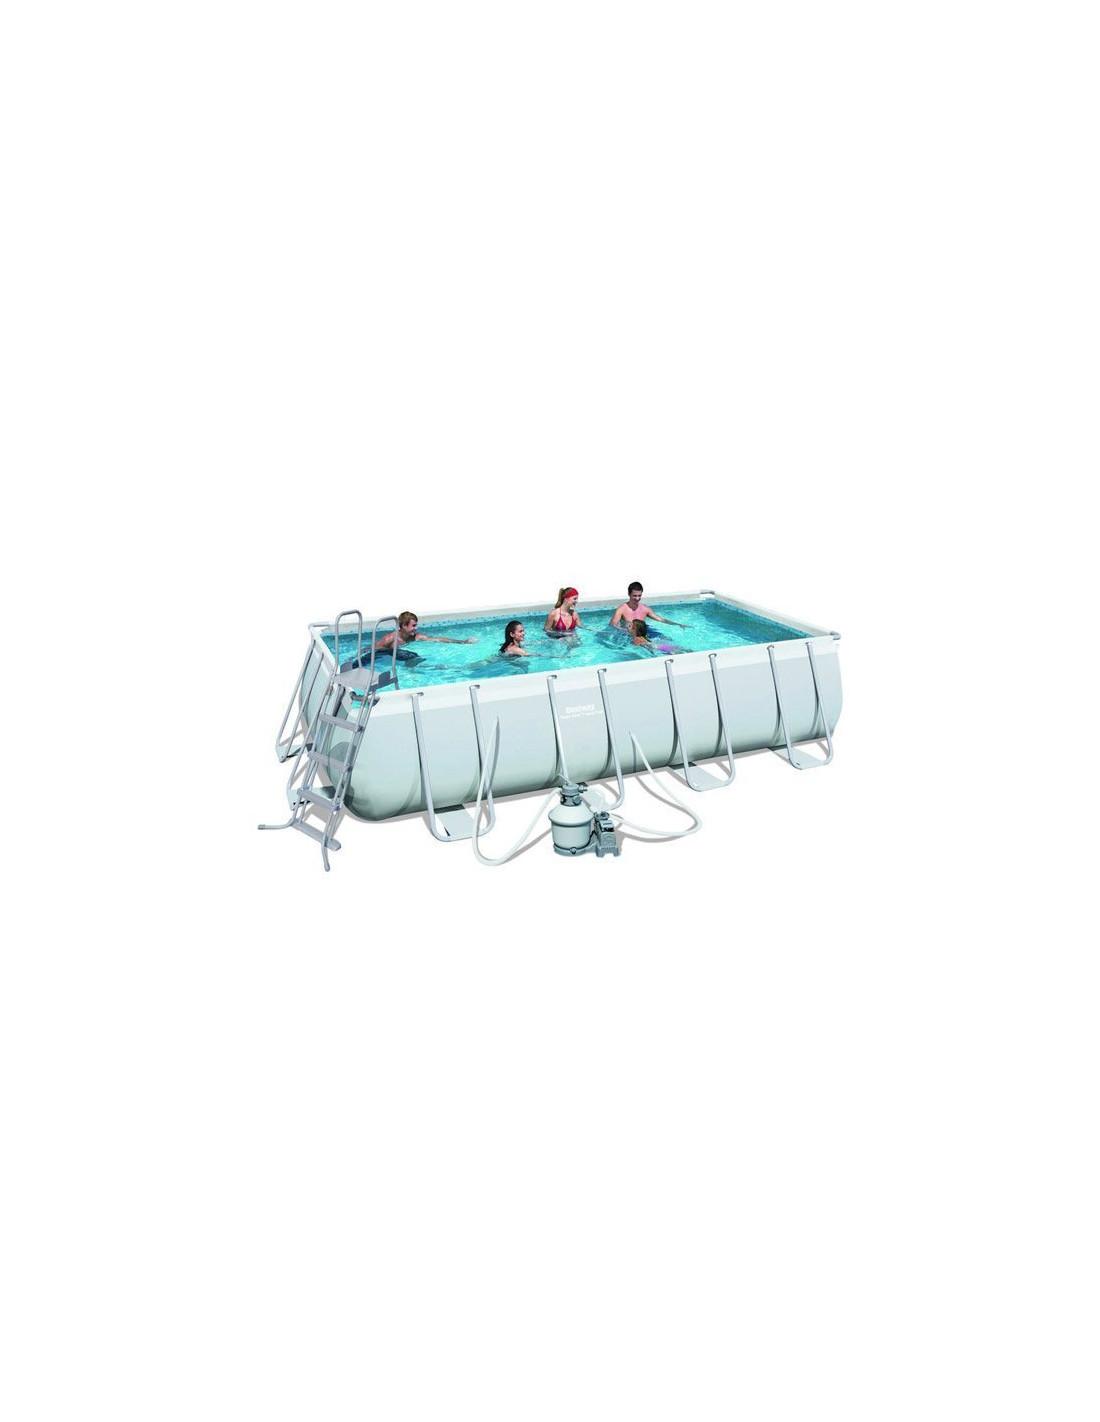 Piscine tubulaire rectangulaire bestway avec filtre sable for Pompe filtre a sable piscine hors sol